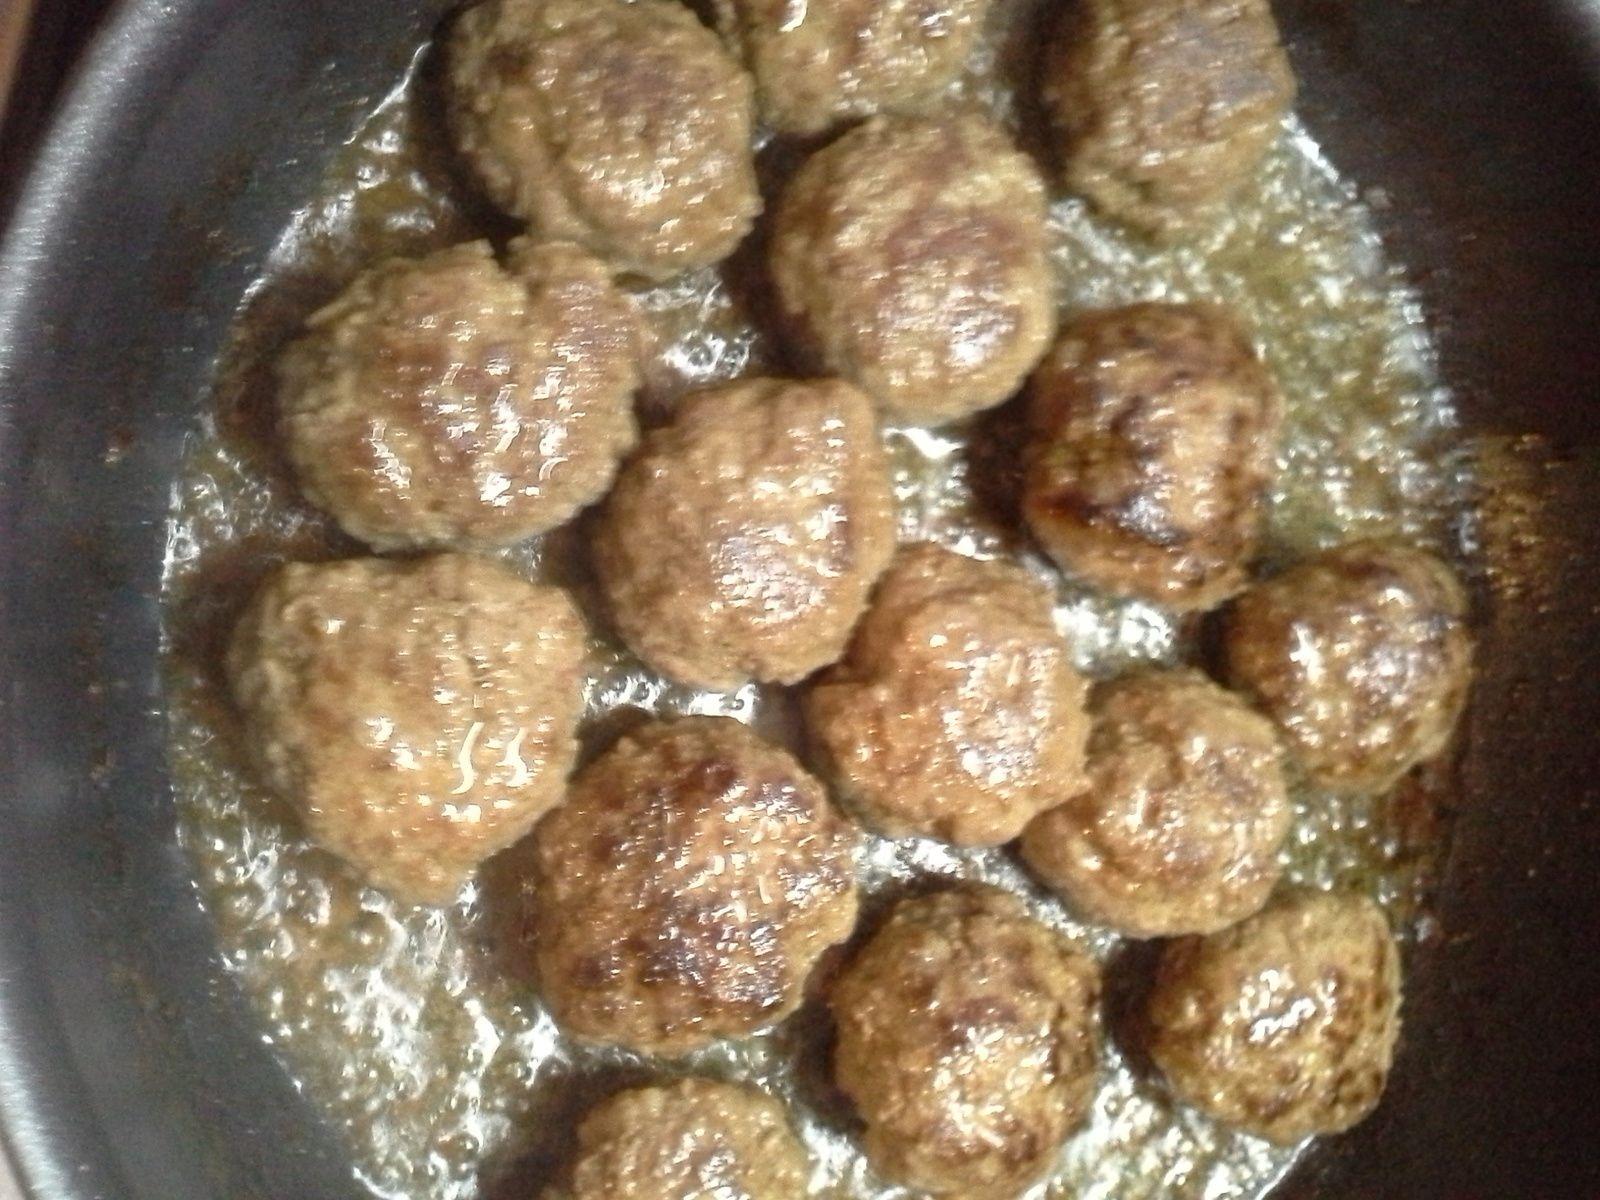 Boulettes de viande à la  crème et aux champignons frais